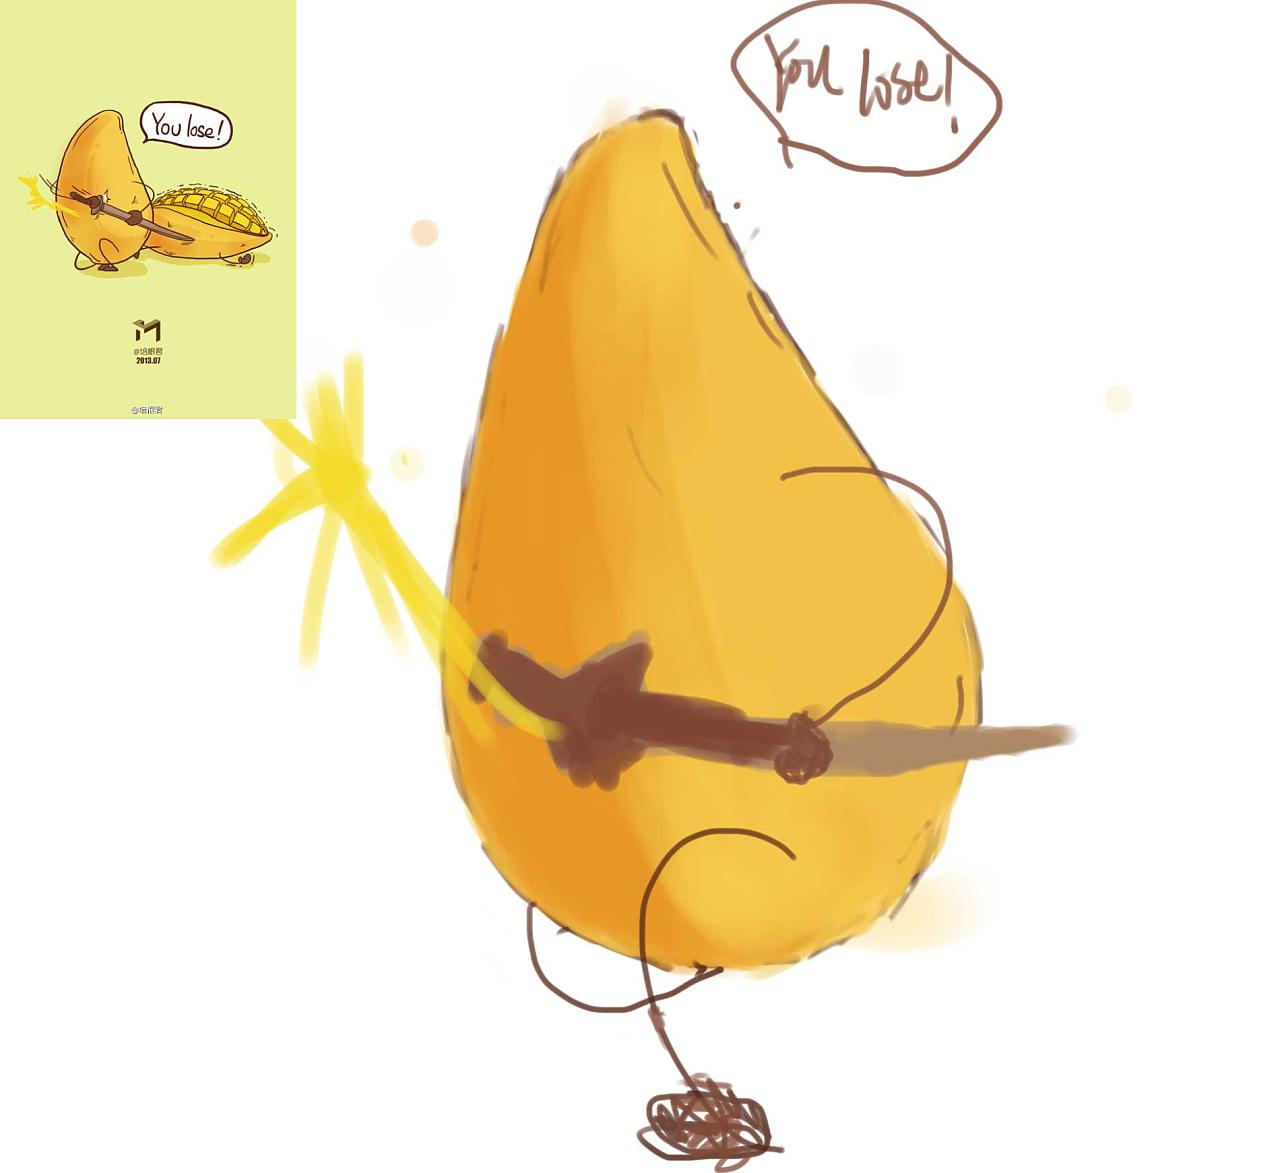 第一次手绘板画了芒果